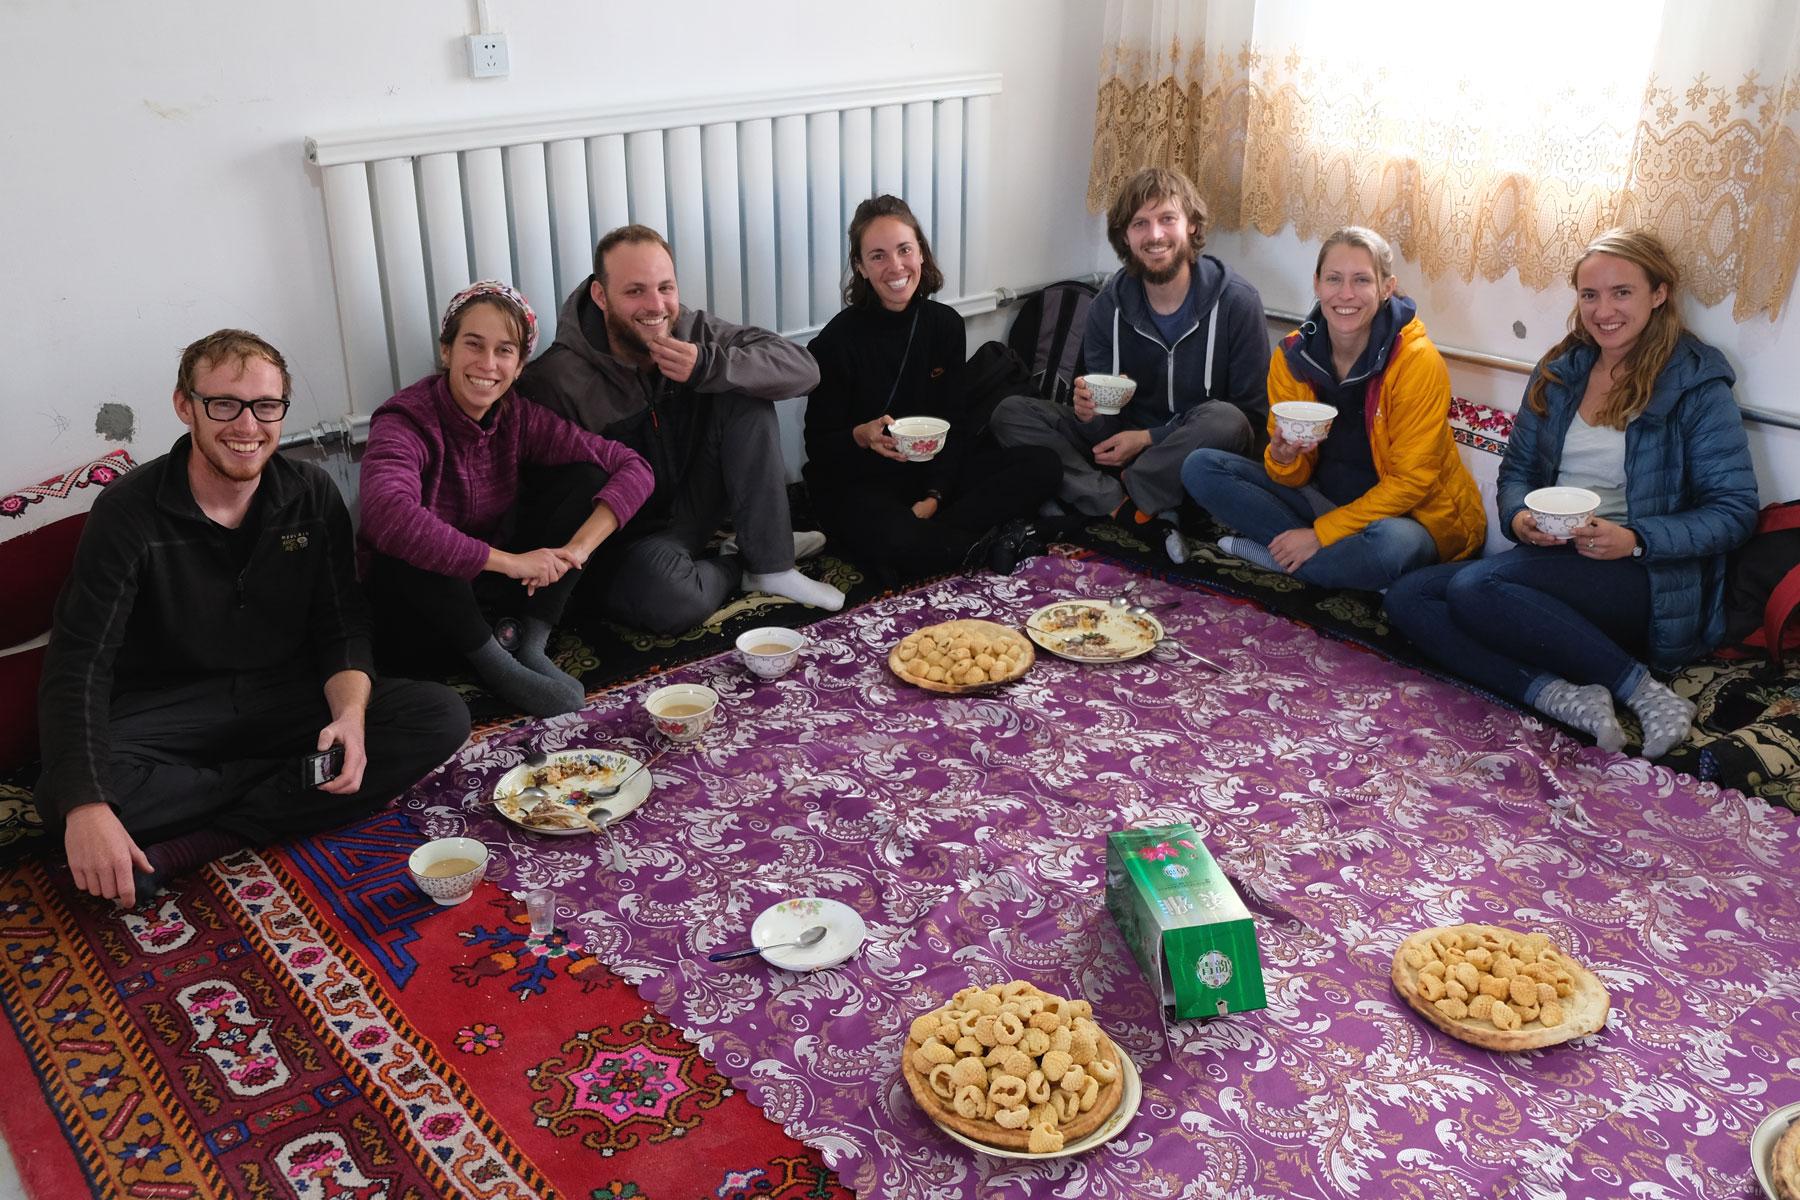 Unsere Hochzeitsgruppe: Mike aus Wales, Yarden und Itai aus Israel, Naomi aus England, wir zwei und Chloe aus England